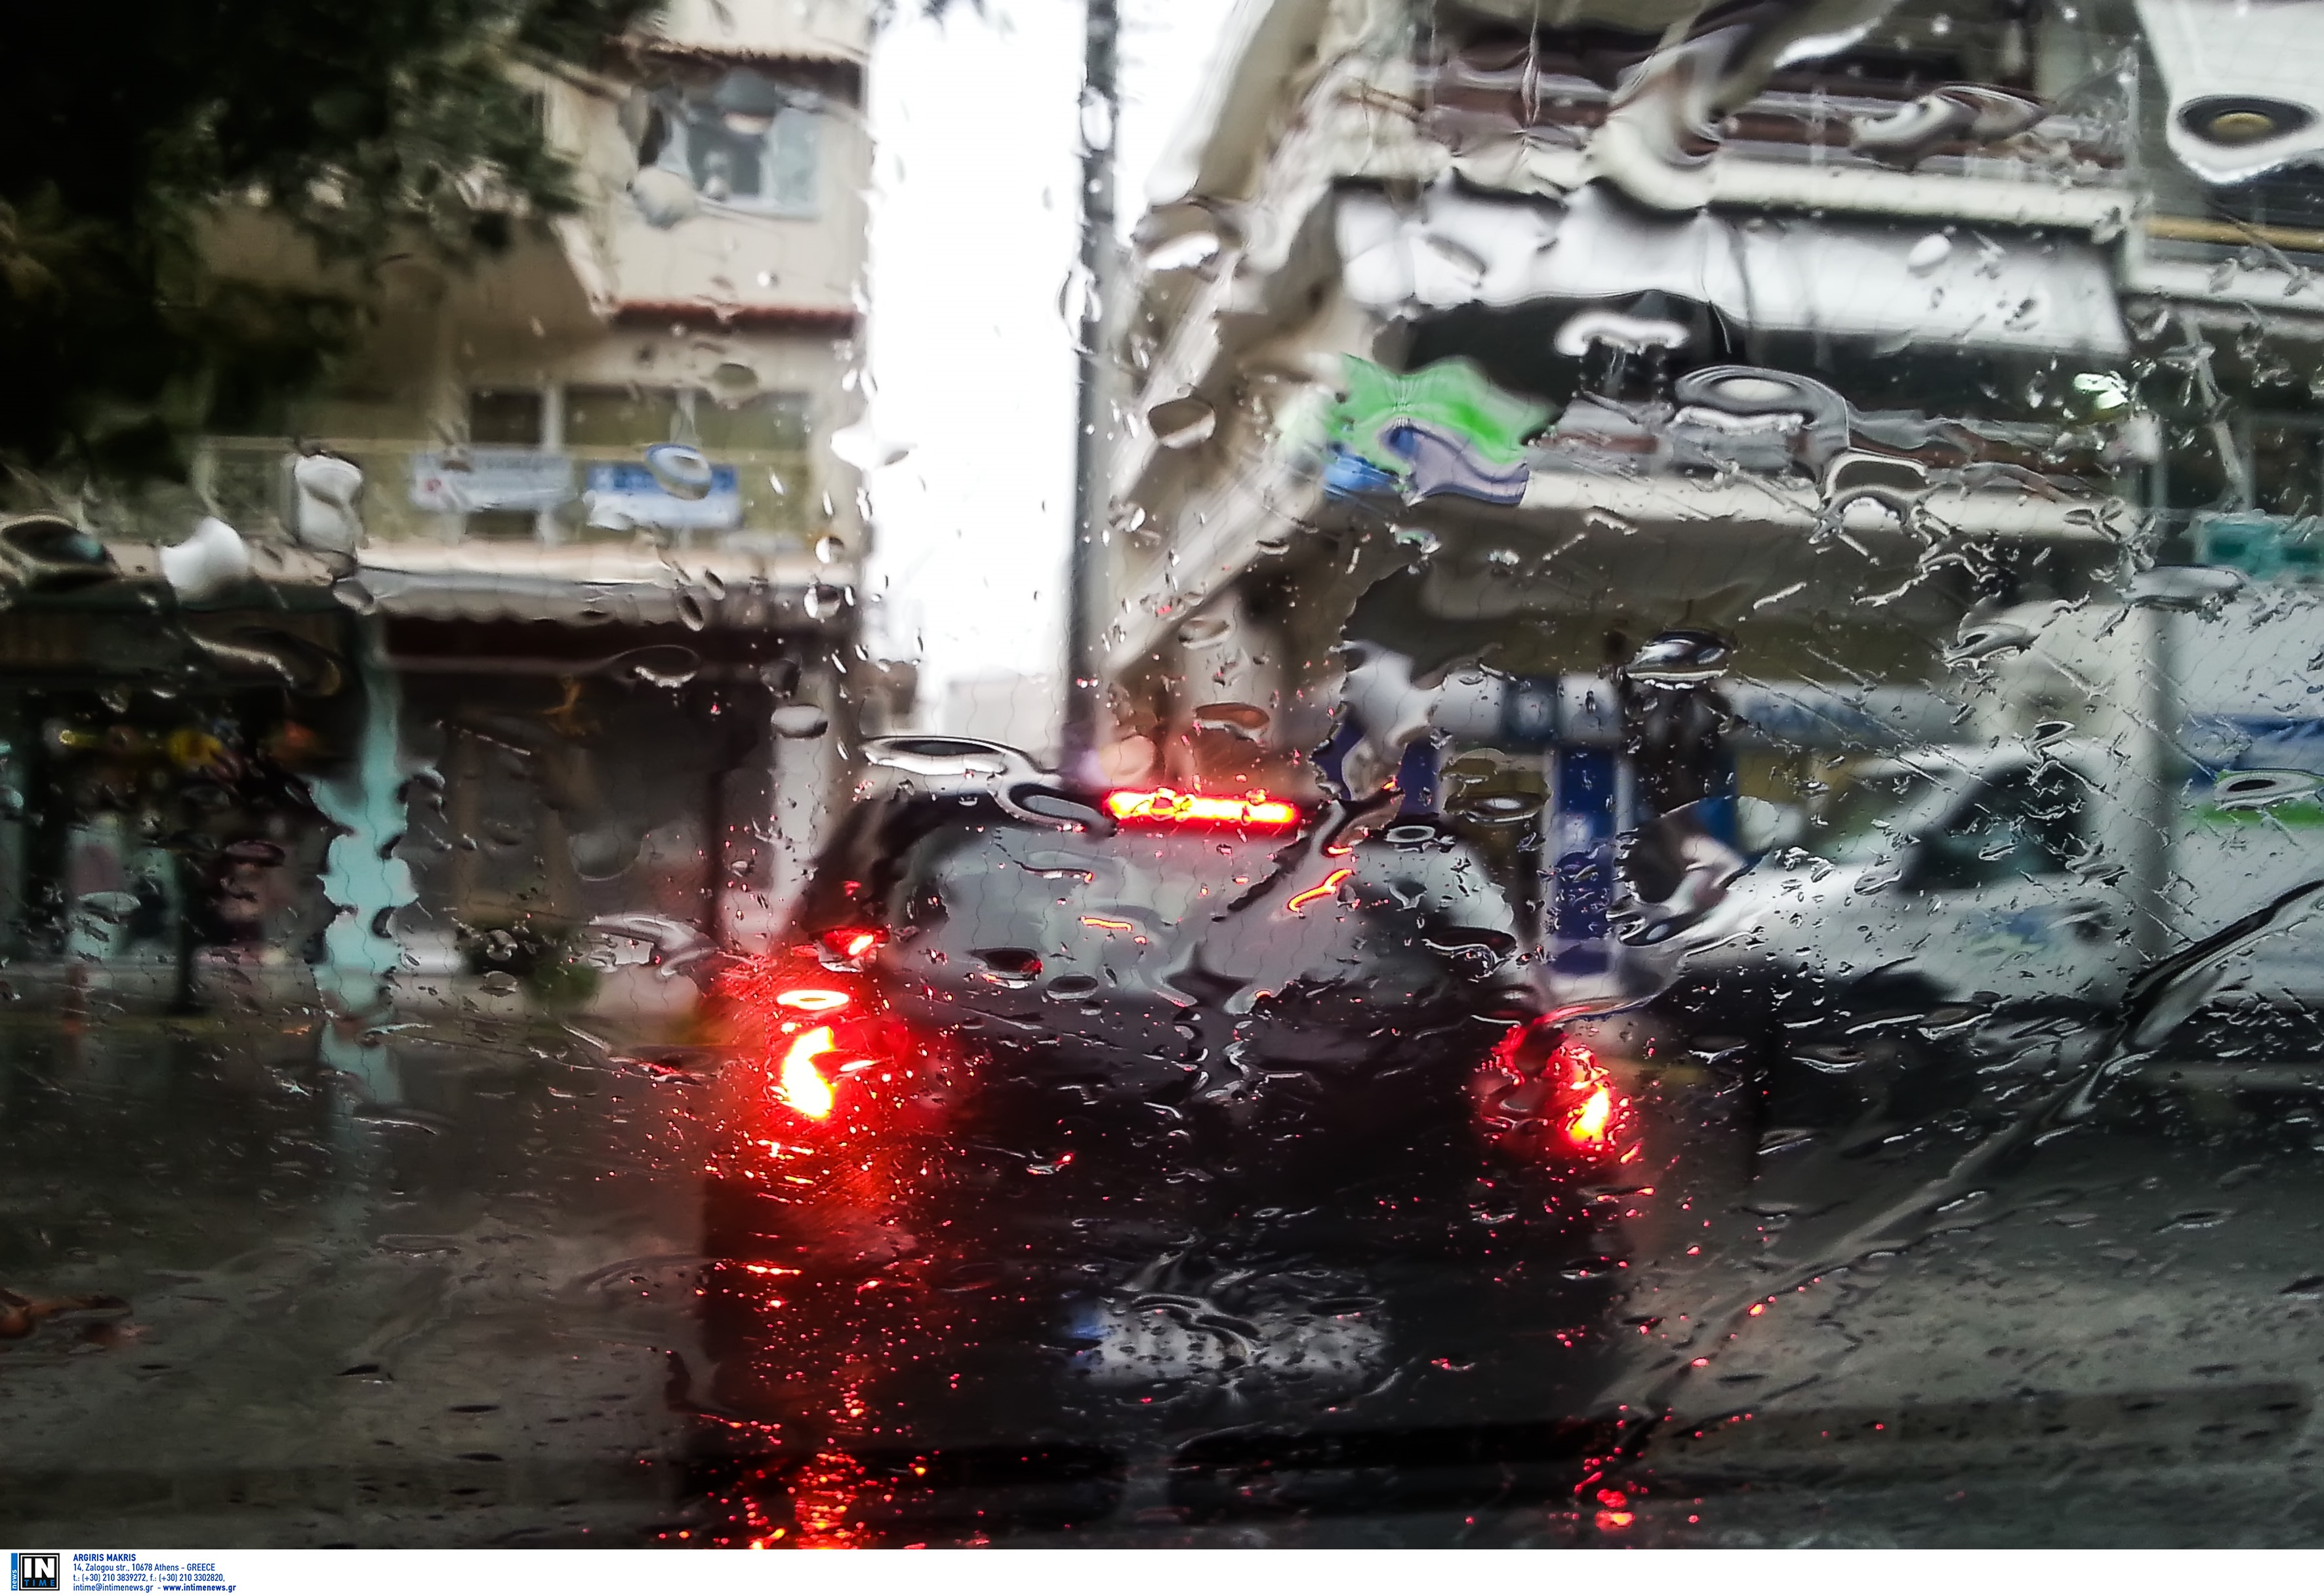 Ραγδαία επιδείνωση με βροχές και ισχυρές καταιγίδες από το βράδυ - Ποιες περιοχές θα επηρεαστούν